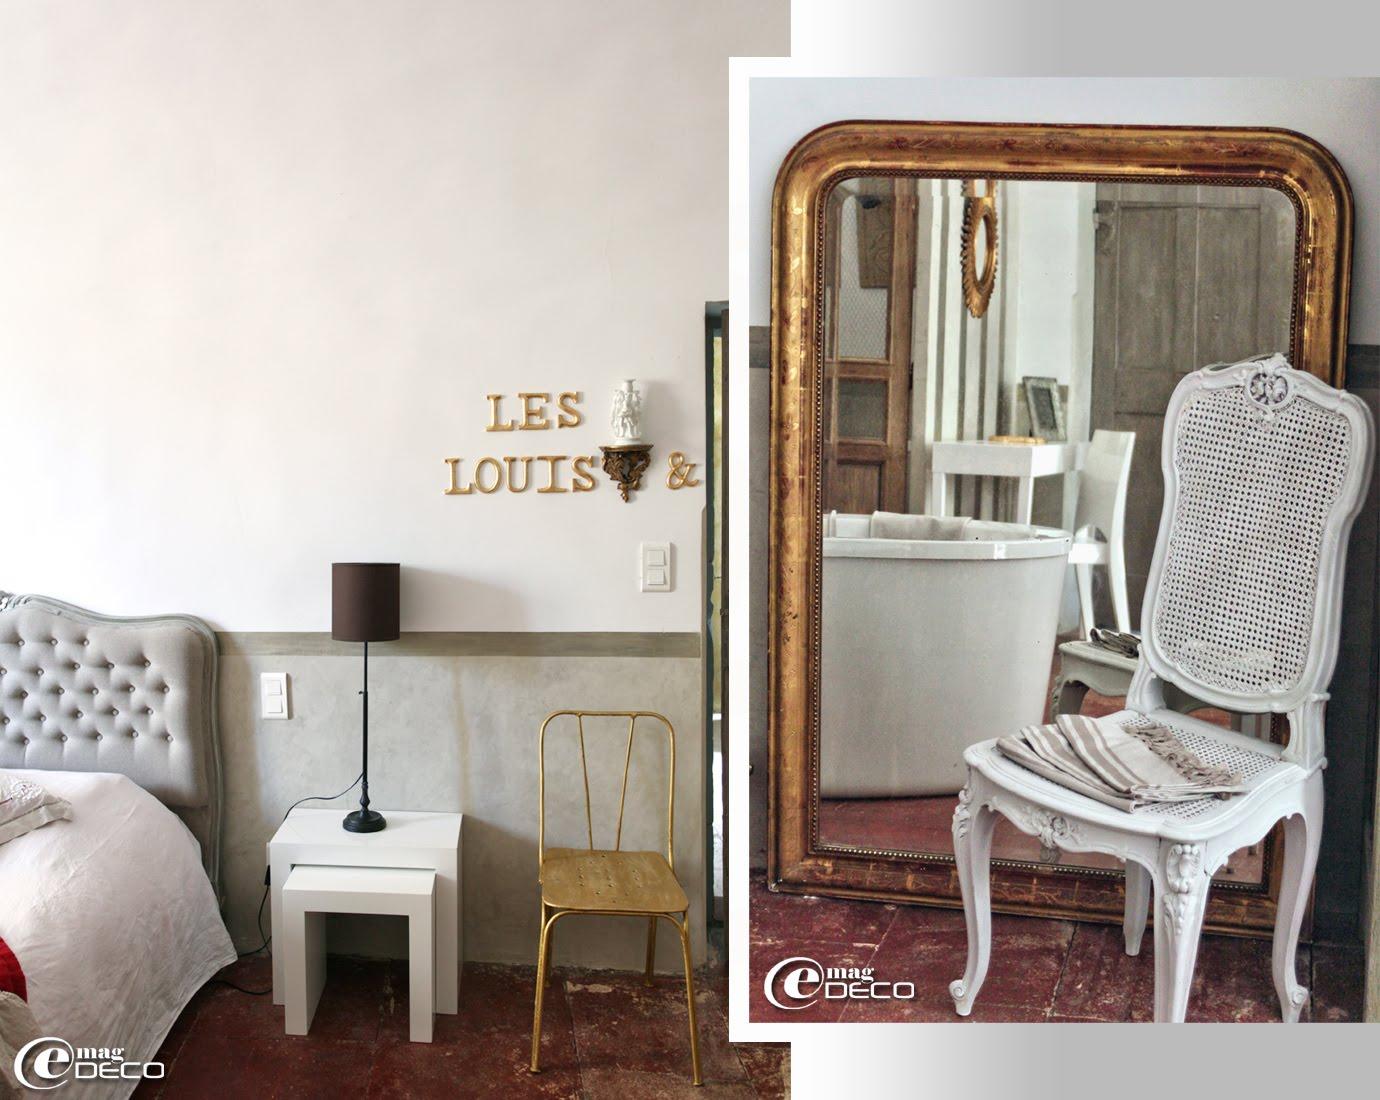 Chambre Les Louis, maison d'hôtes de charme 'Les Nomades Baroques' à Barjac